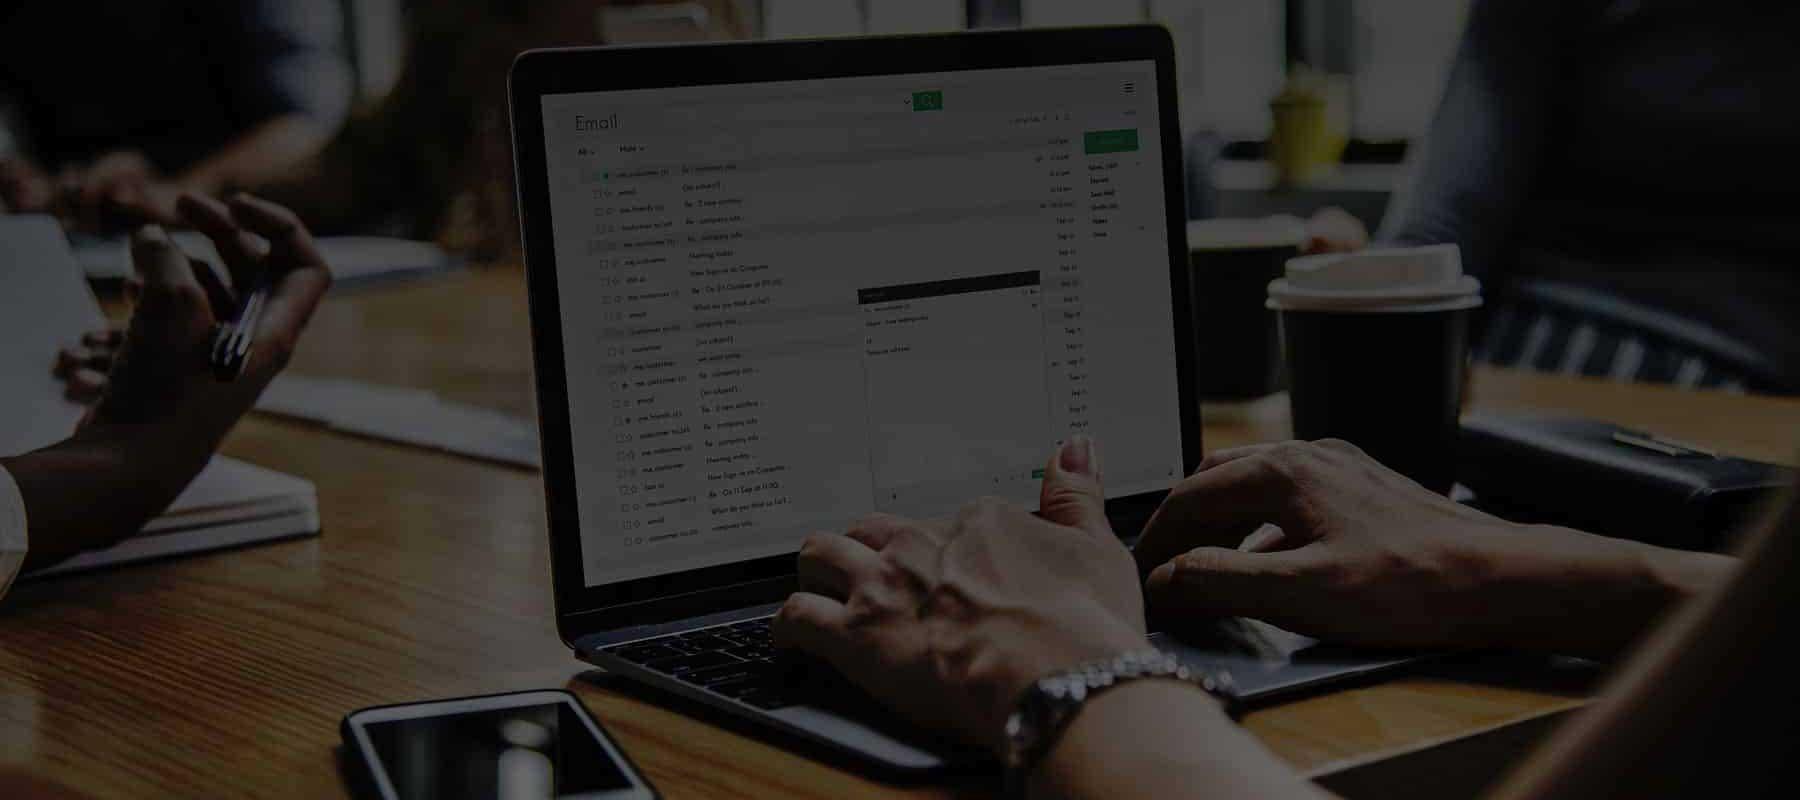 Web design Miami company